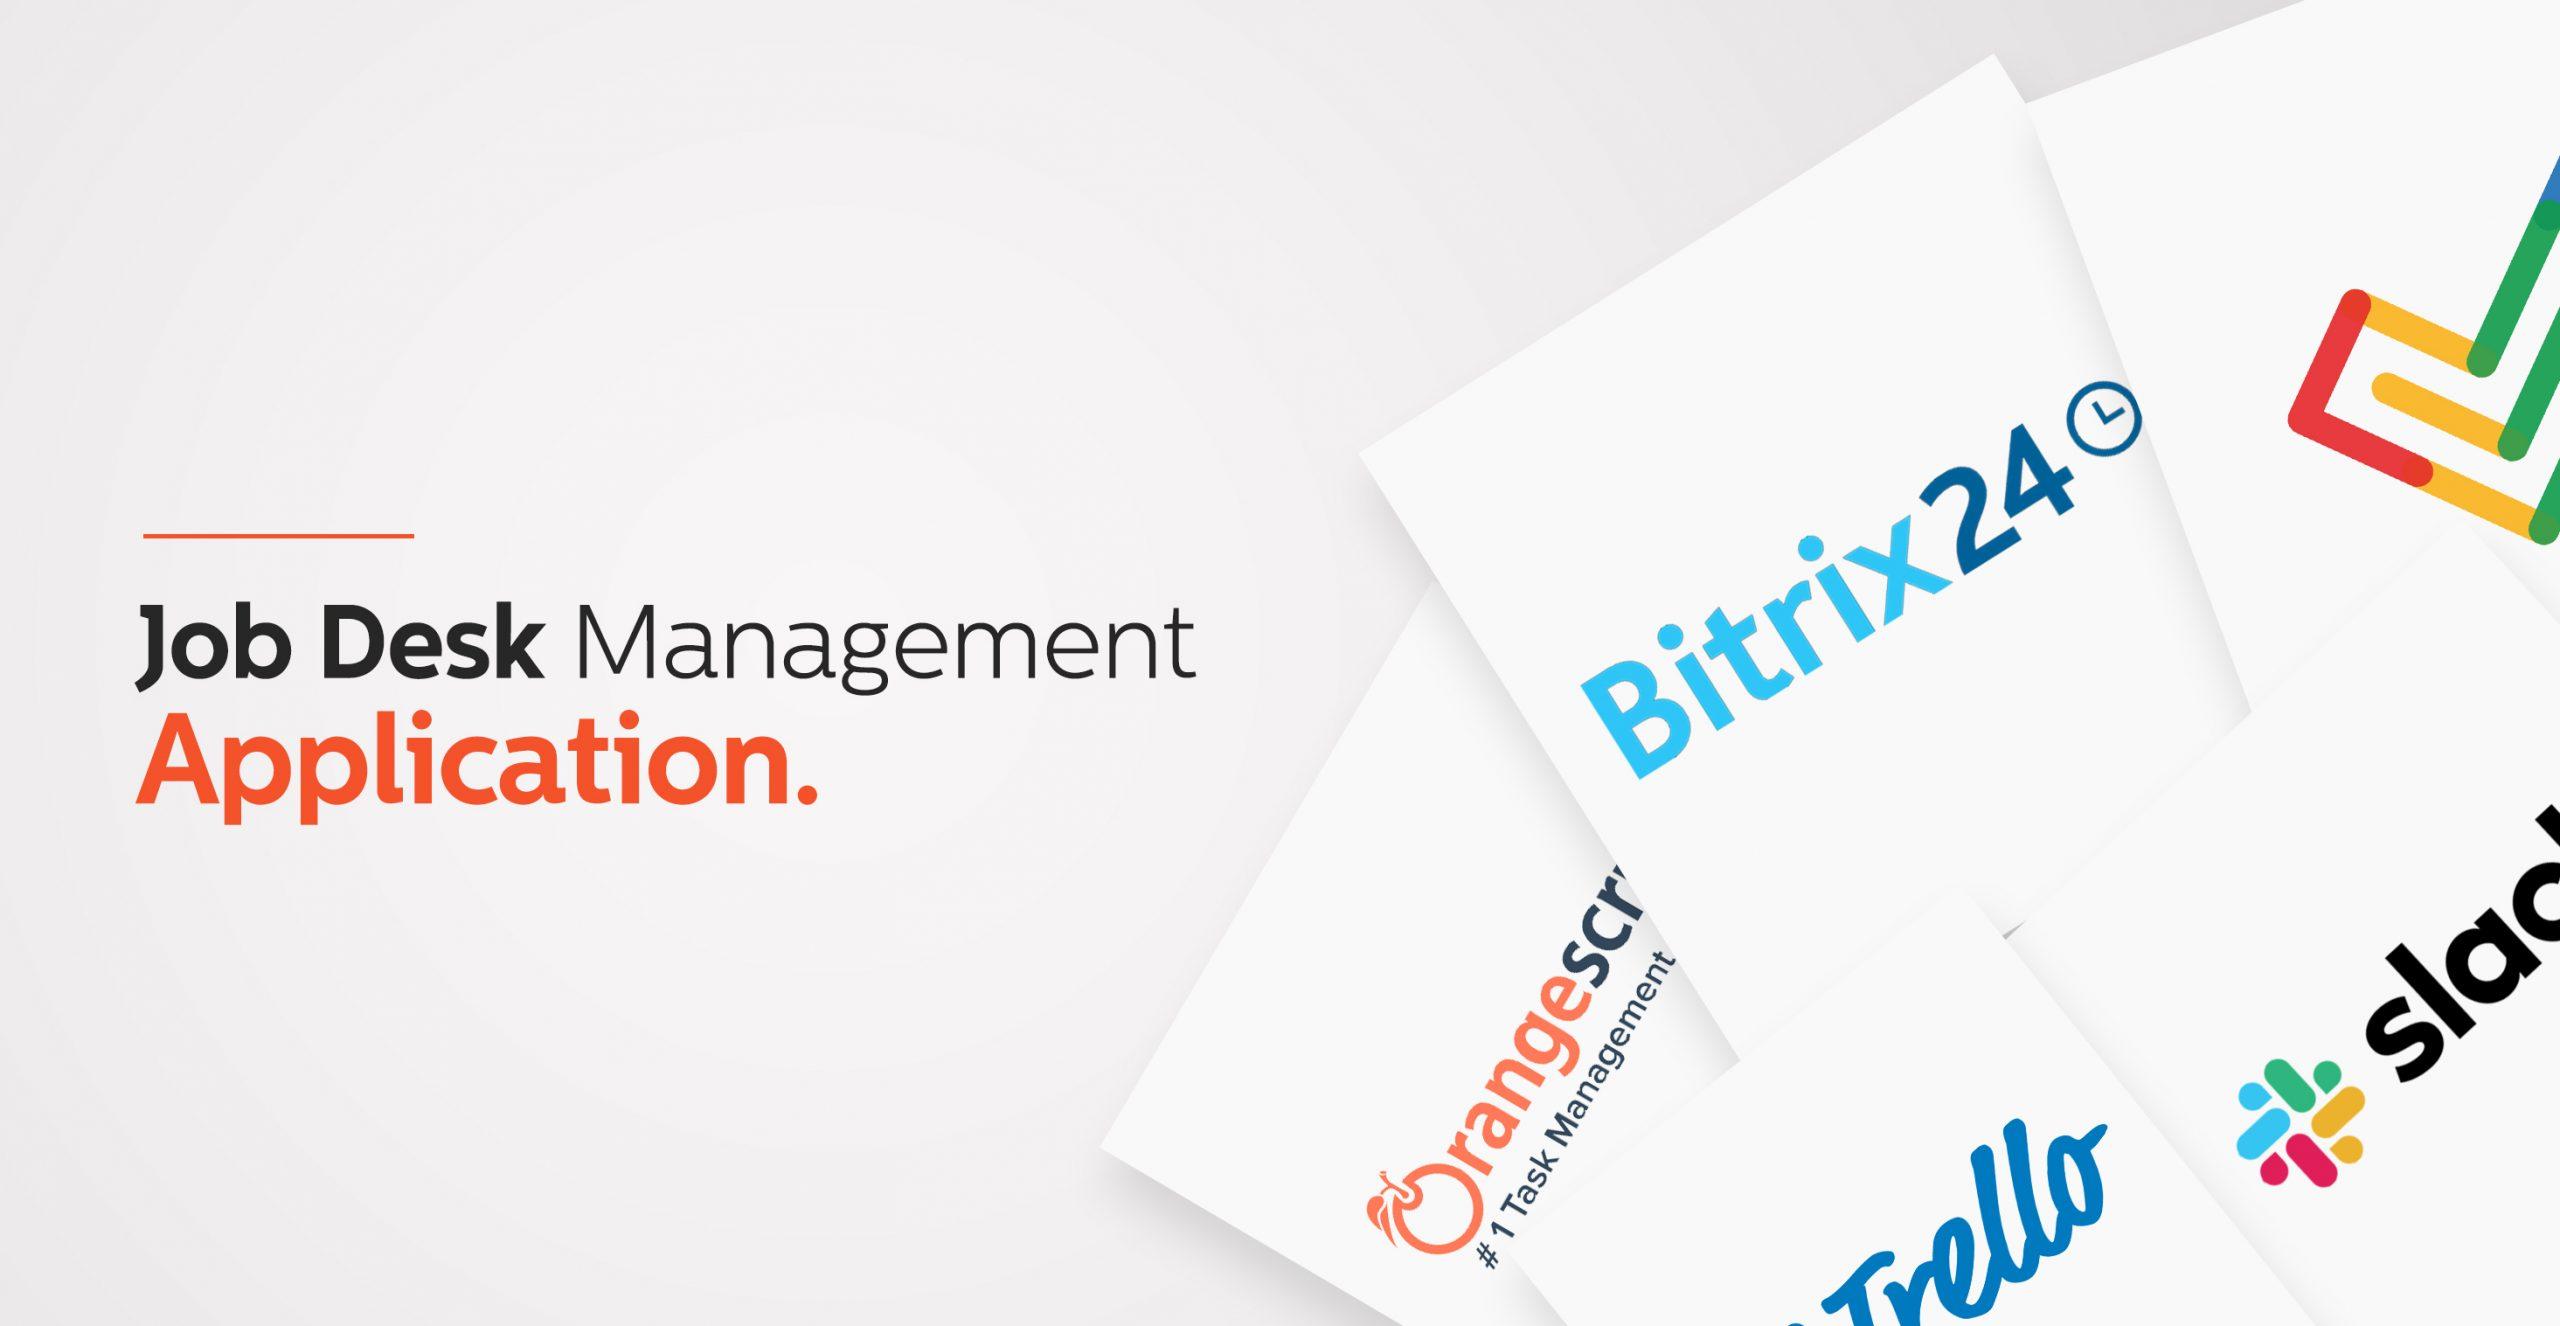 5 Aplikasi Manajemen Job Desk atau Project Management Tools Terbaik